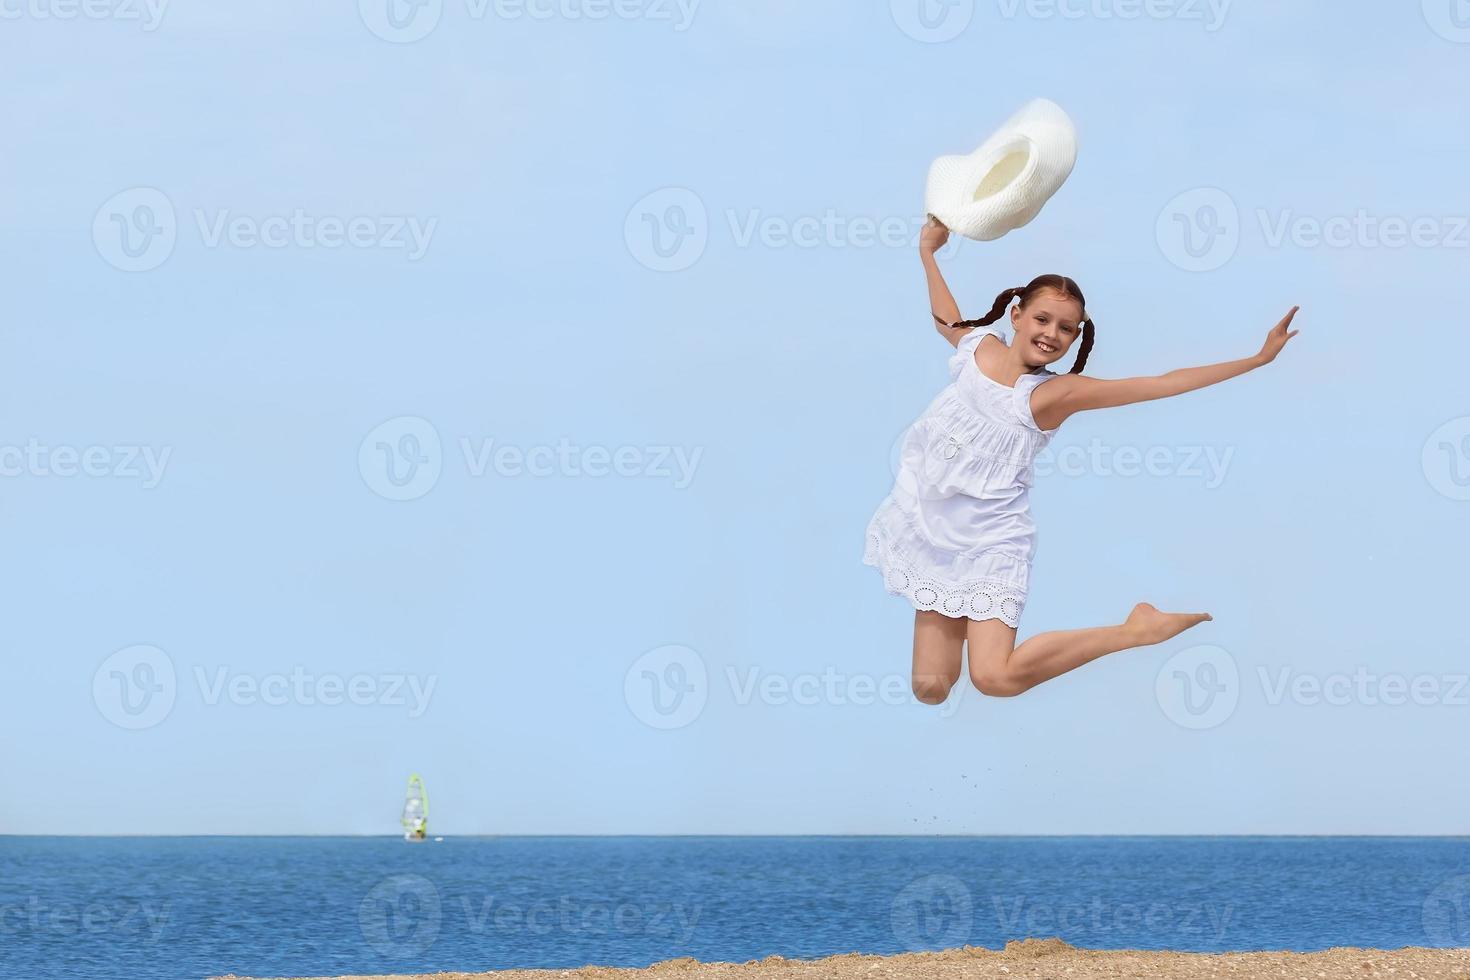 fröhliches Mädchen, das über das Wasser am Strand springt foto